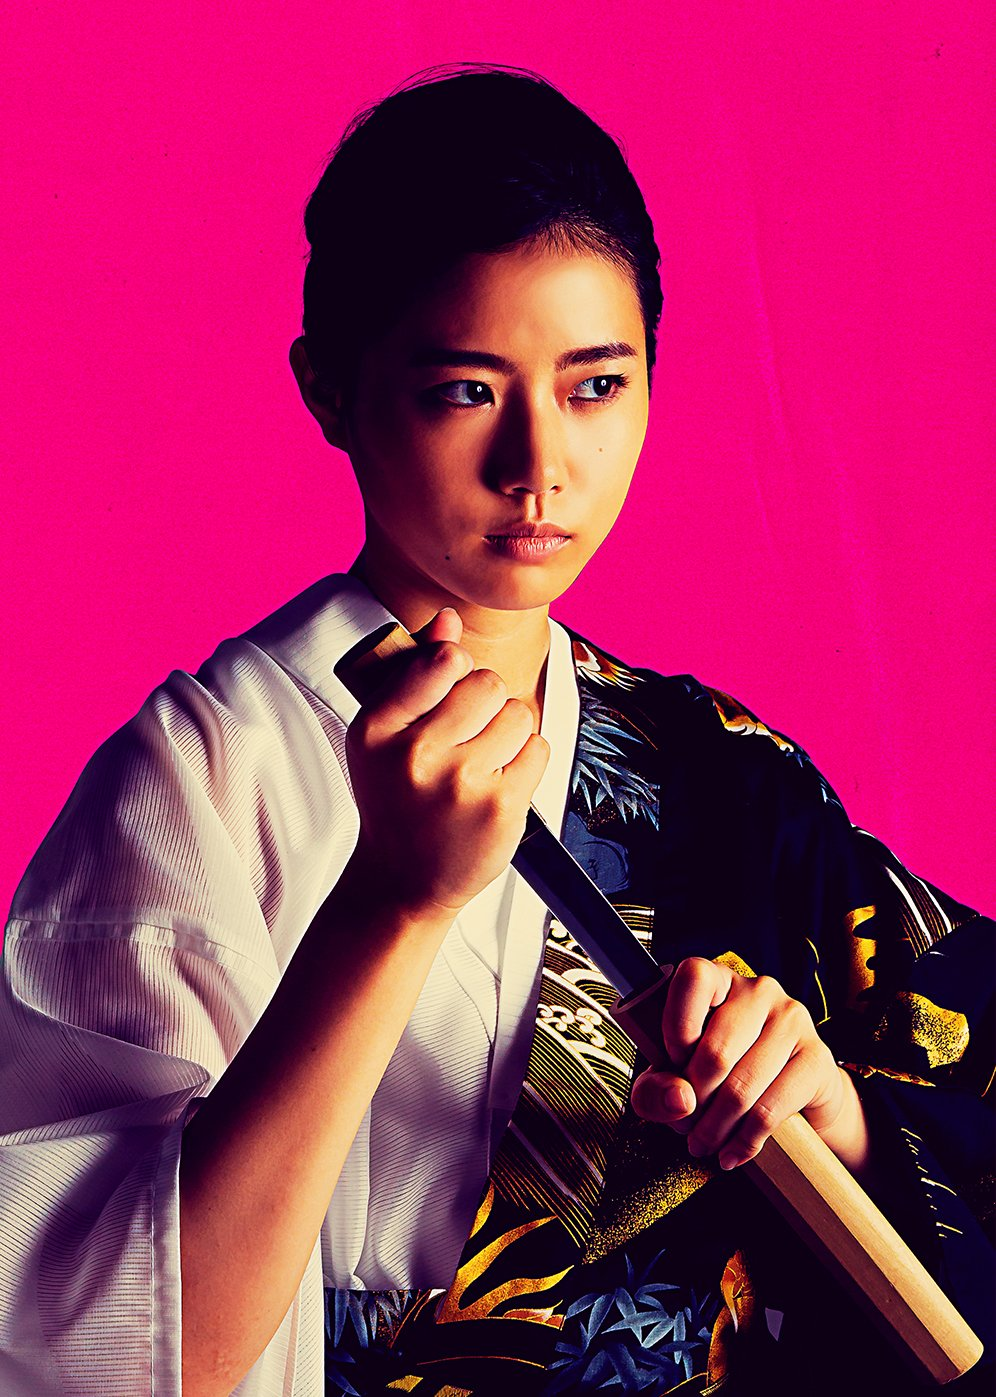 衝撃のビジュアル!AKB48グループが総集結で『仁義なき戦い』に挑む!【画像8枚】の画像006